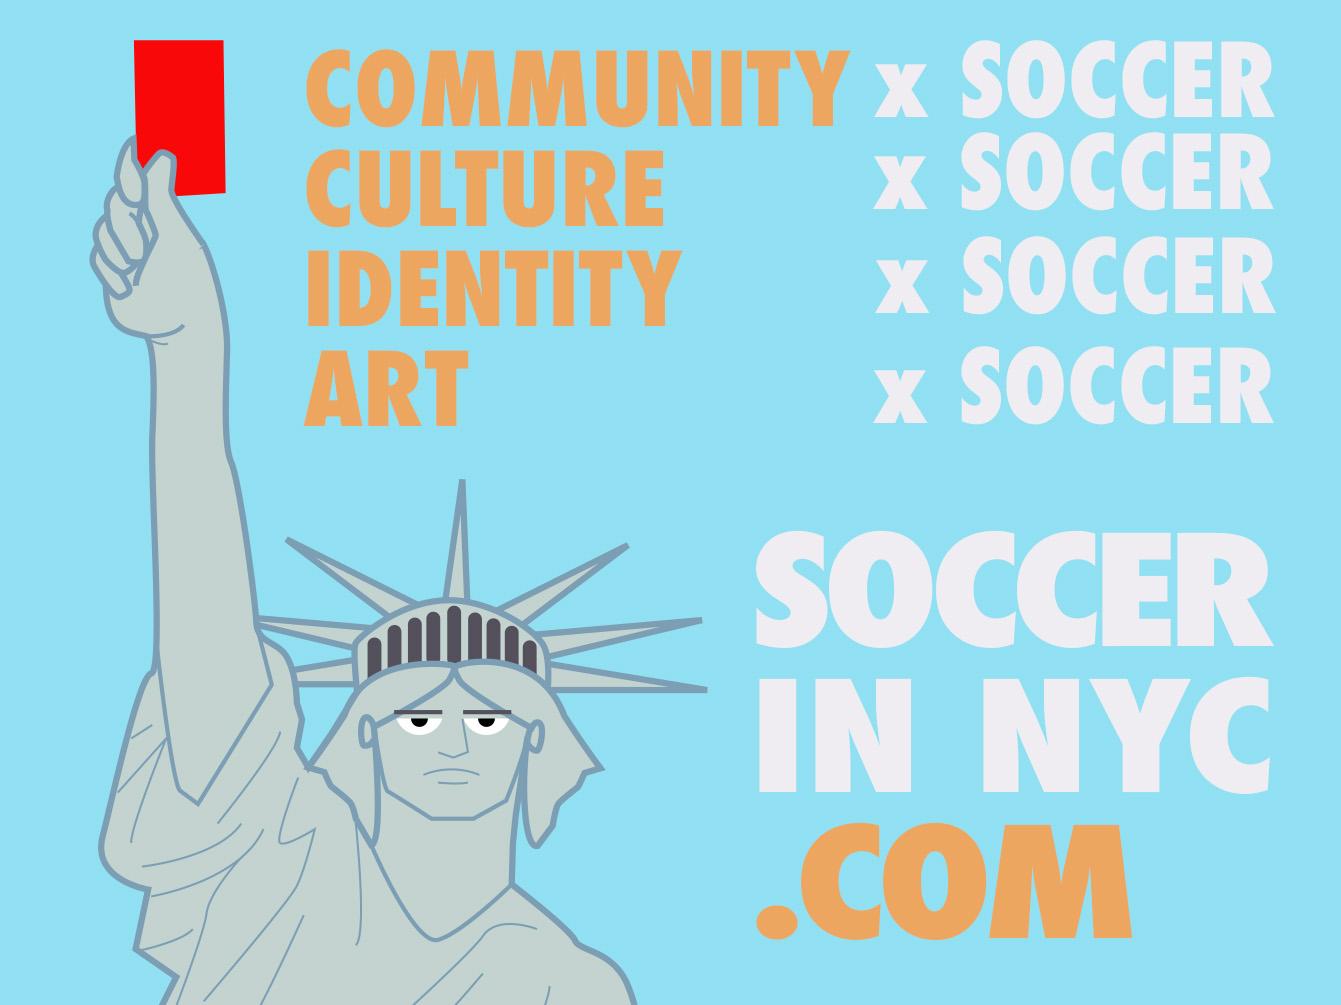 Soccer in NYC